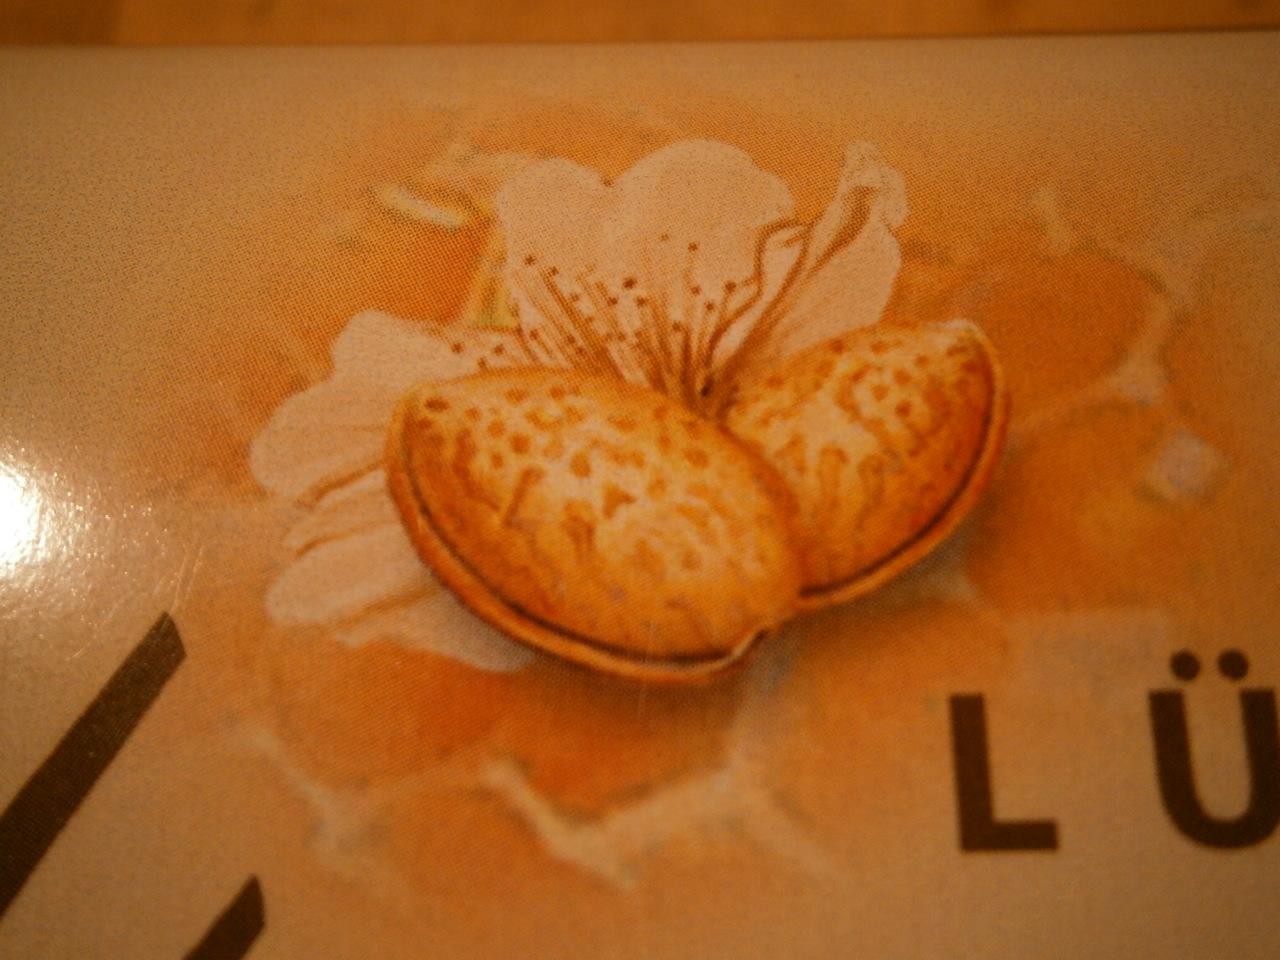 Mandelkerne in der Schae mit Mandelblüte.